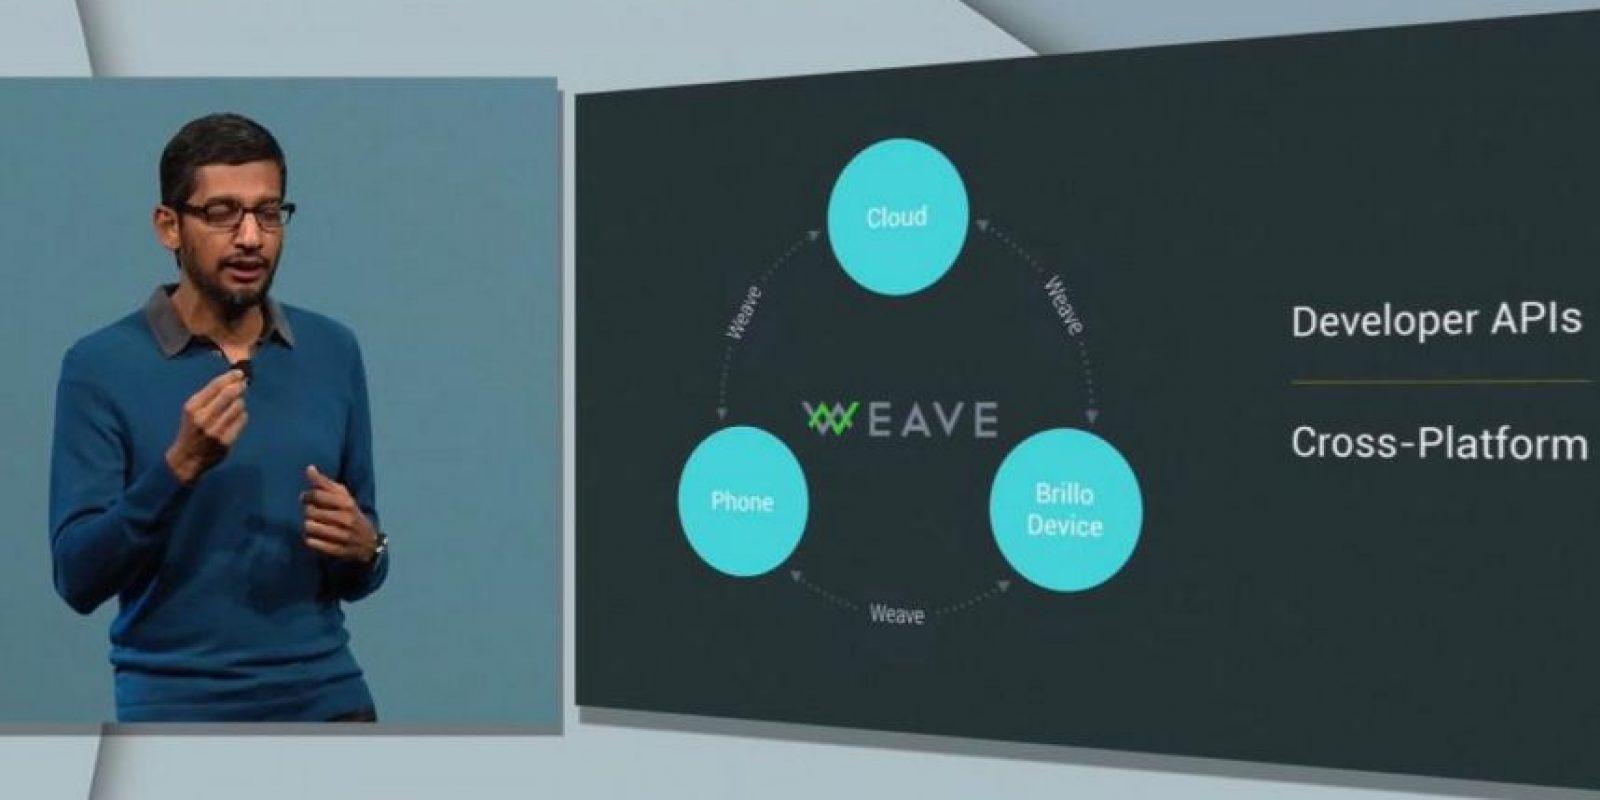 Este software ayudará a que se conecten productos como cerraduras, refrigeradores, sistemas para controlar el clima, etc. (Internet de las cosas) mediante Wave, el cual se lanzará a finales de este año, meses después de Brillo. Foto:Google